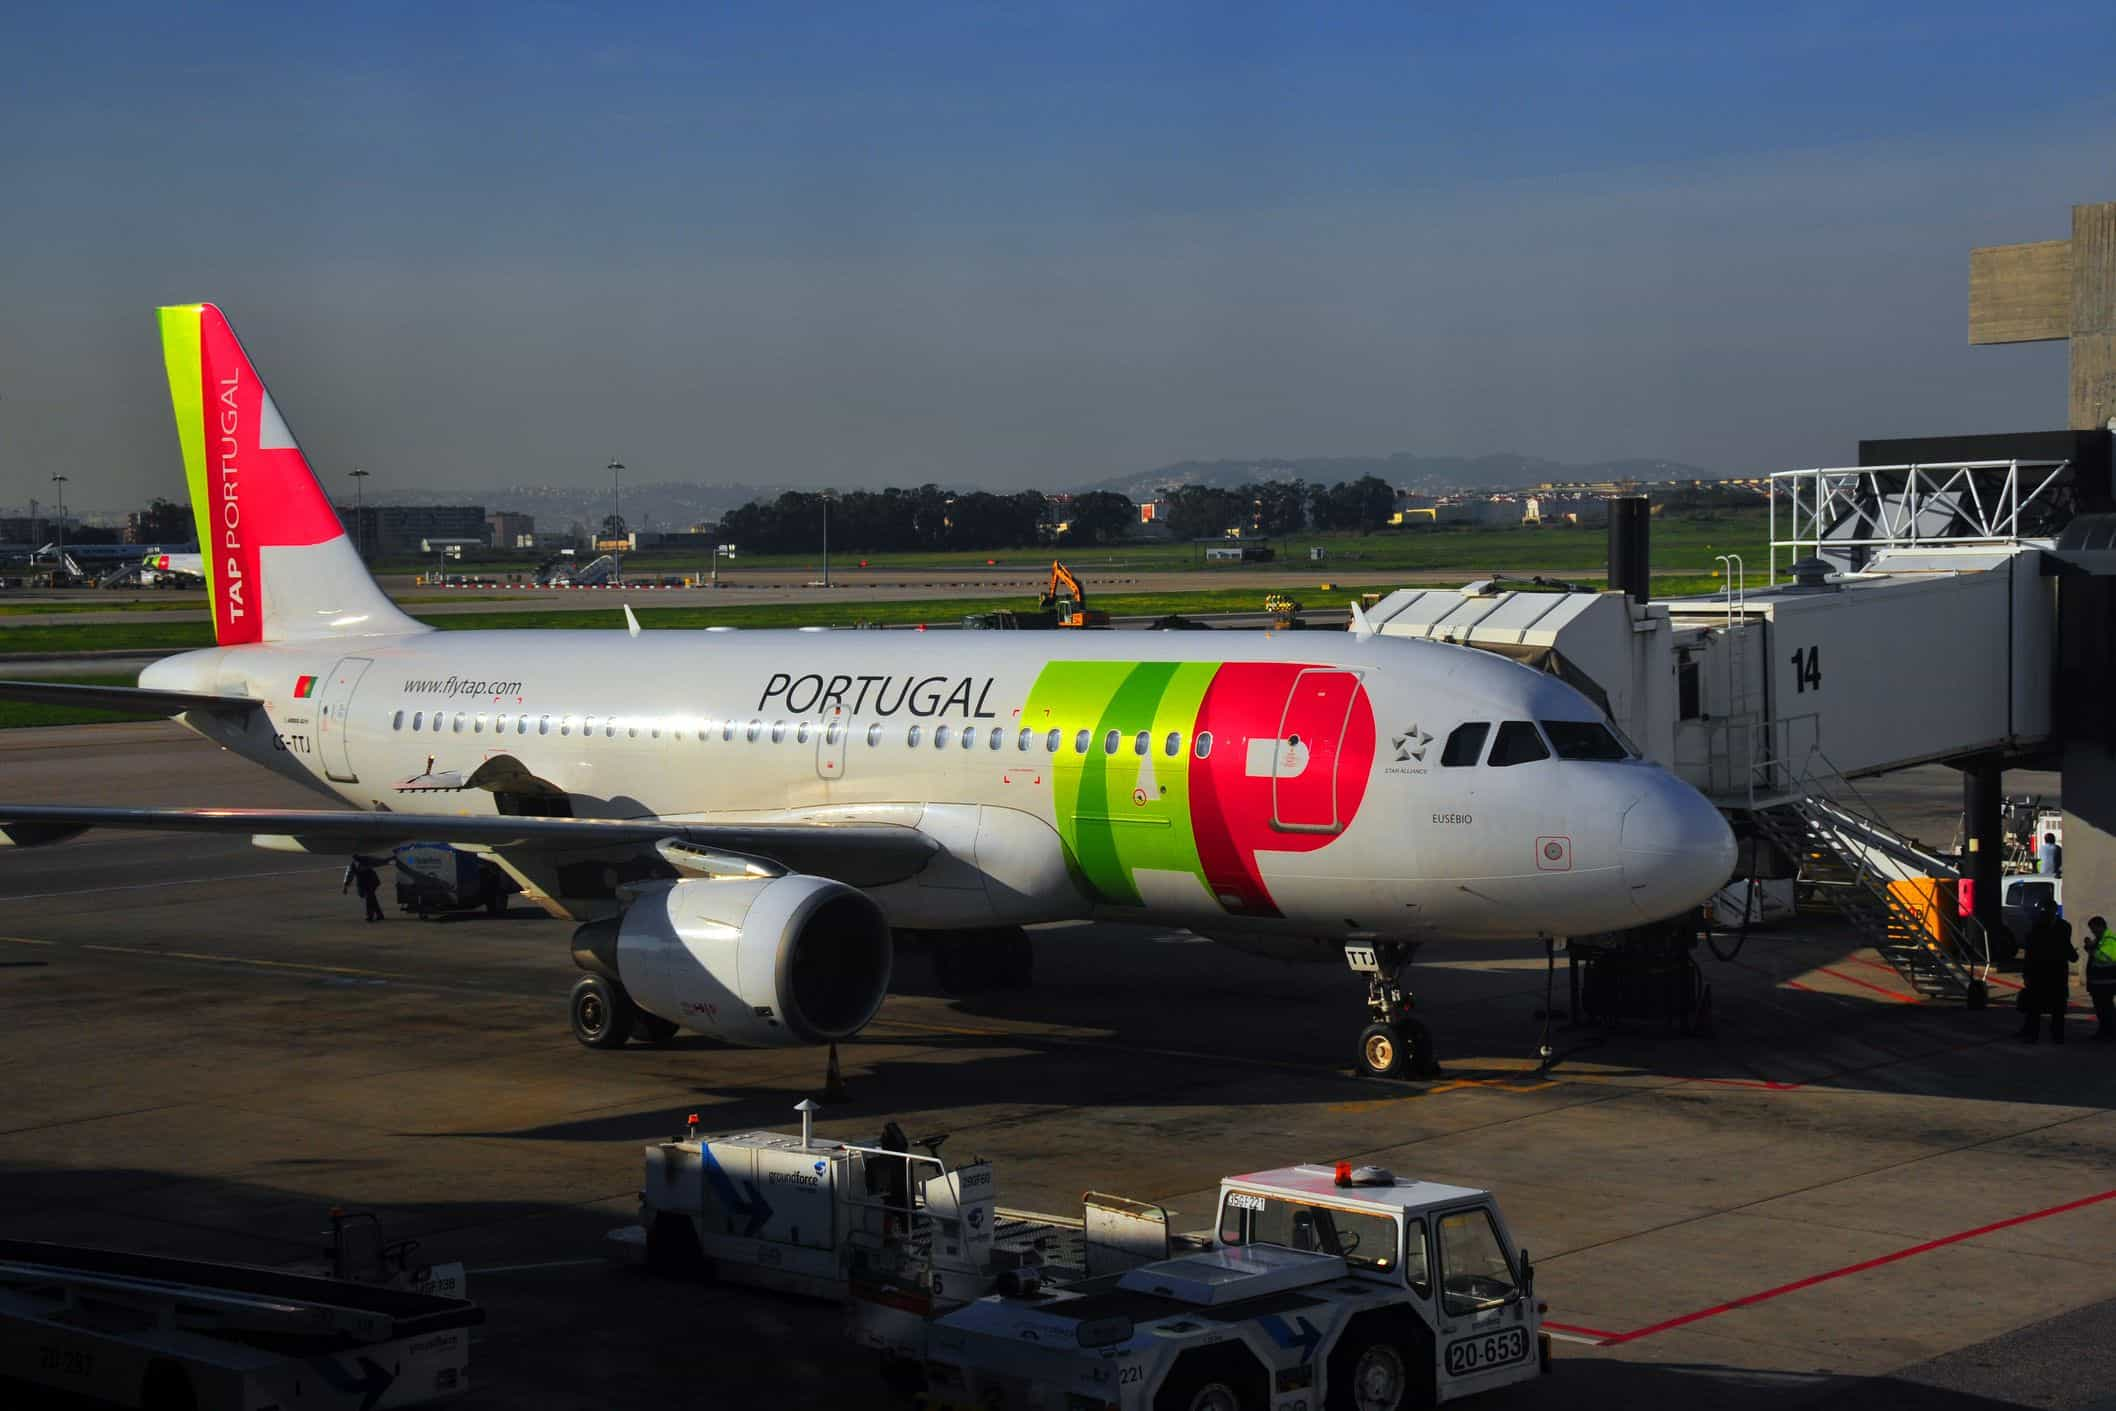 Erro e fadiga de piloto levaram a acidente com avião da TAP em 2016